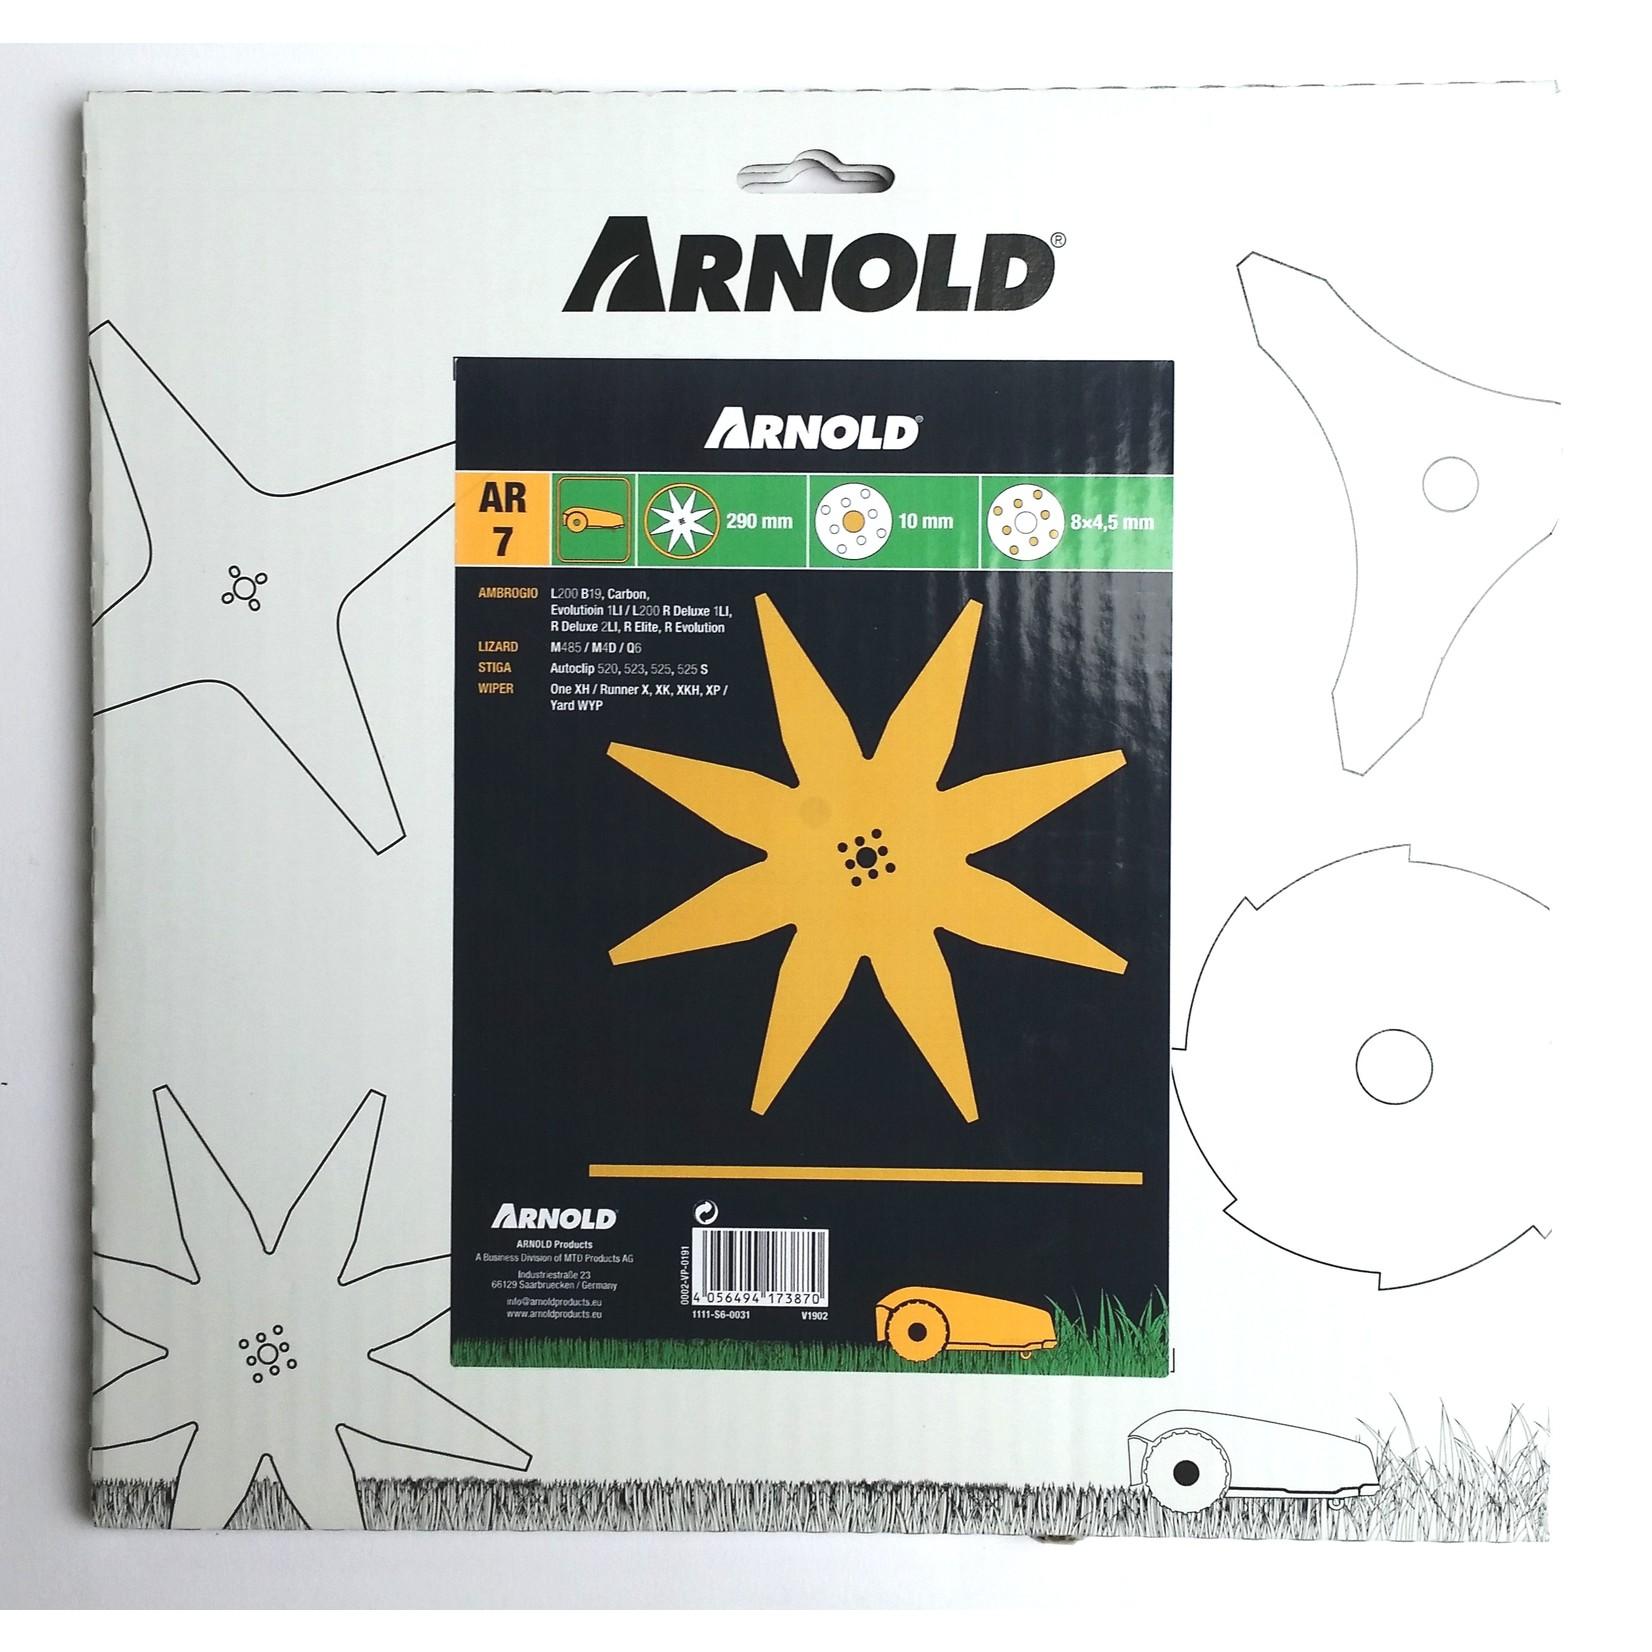 Arnold Arnold Roboter Klinge/ Messer AR7 290 mm 1111-S6-0031